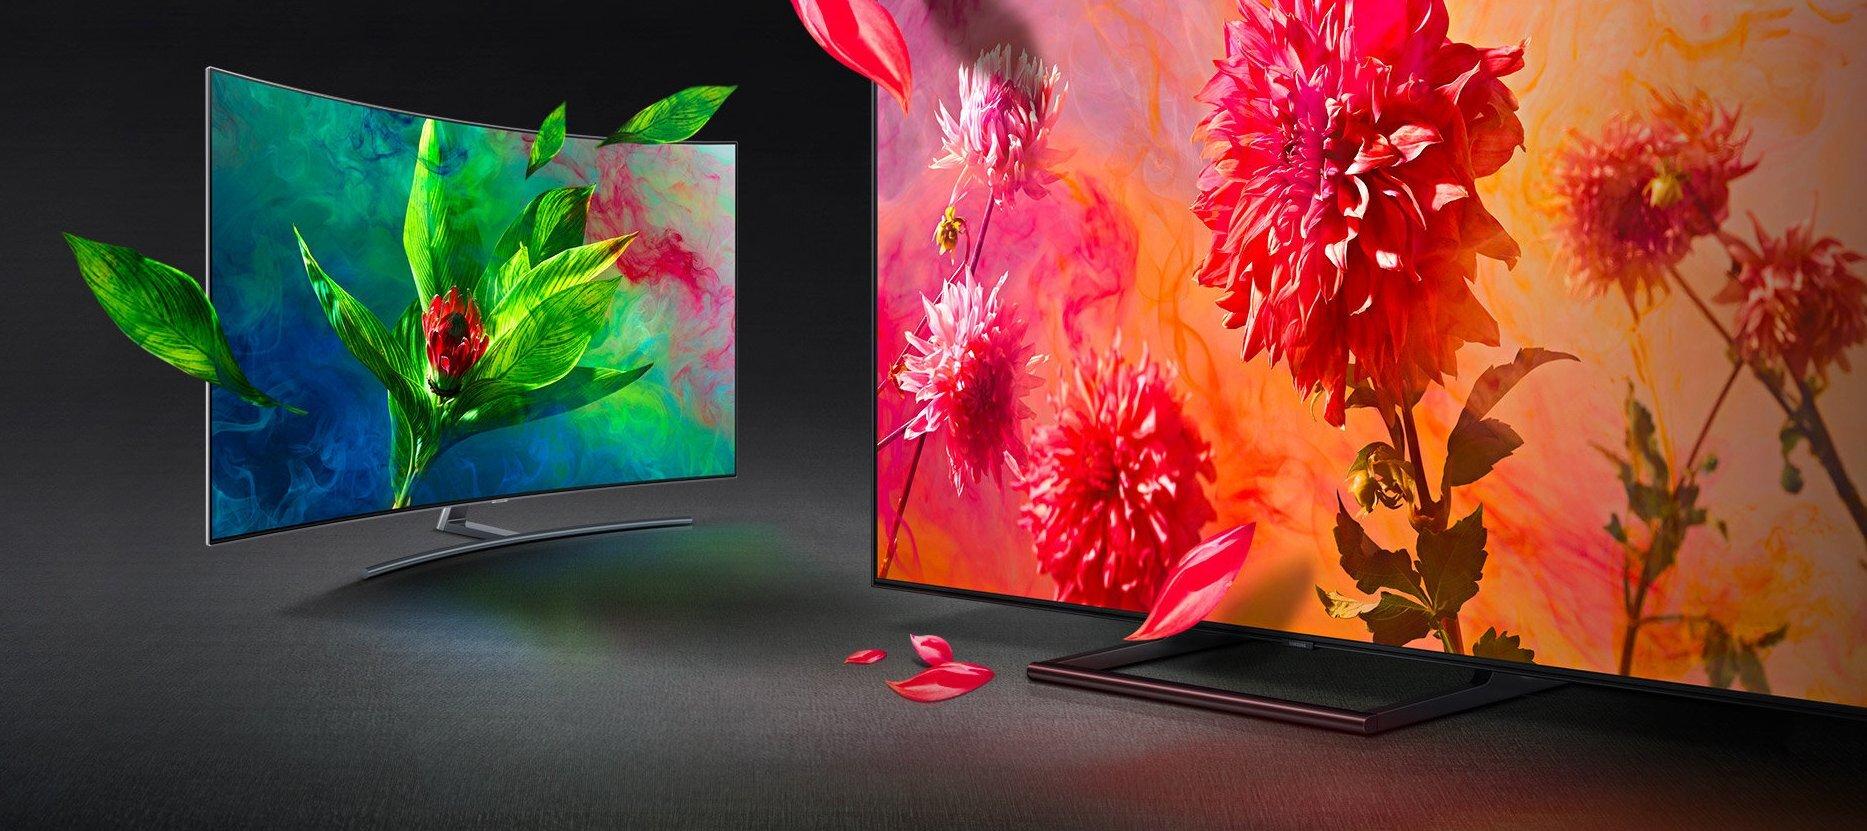 Samsung не будет покупать топовые экраны у собственного подразделения Samsung Display